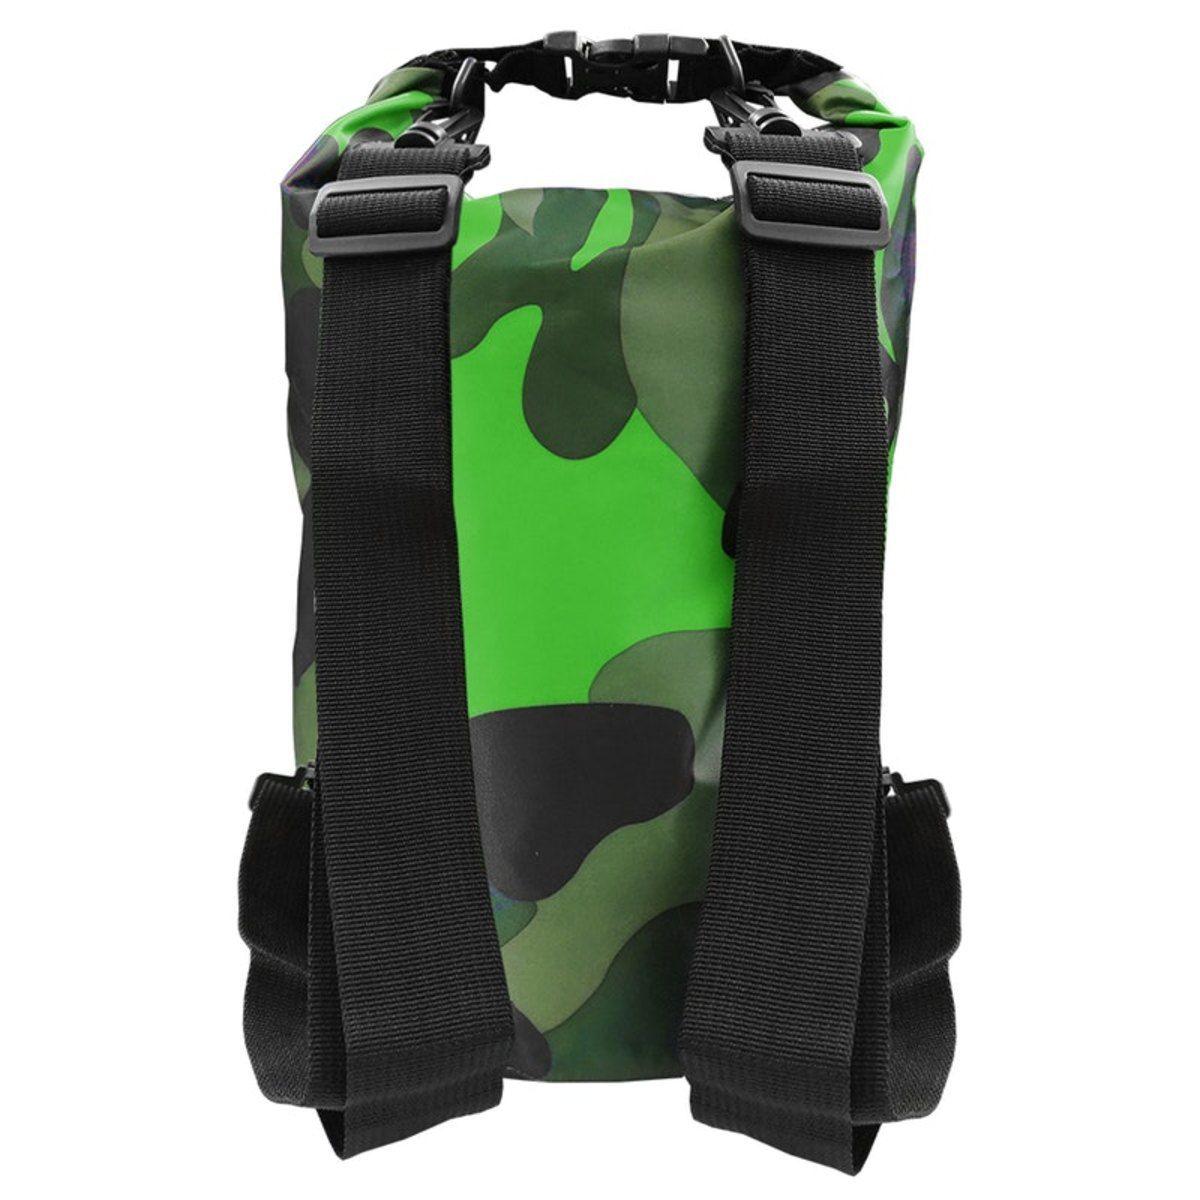 Bolsa Impermeável Albatroz Camp Bag Camuflada Verde 30 Litros